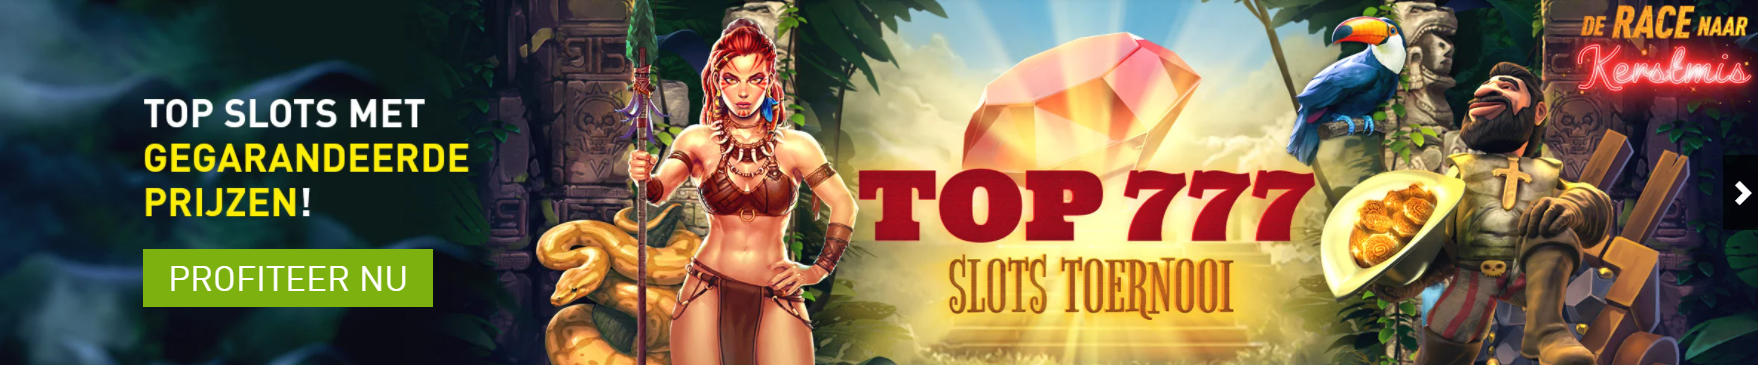 Top 777 Slots toernooi met Mega prijzen